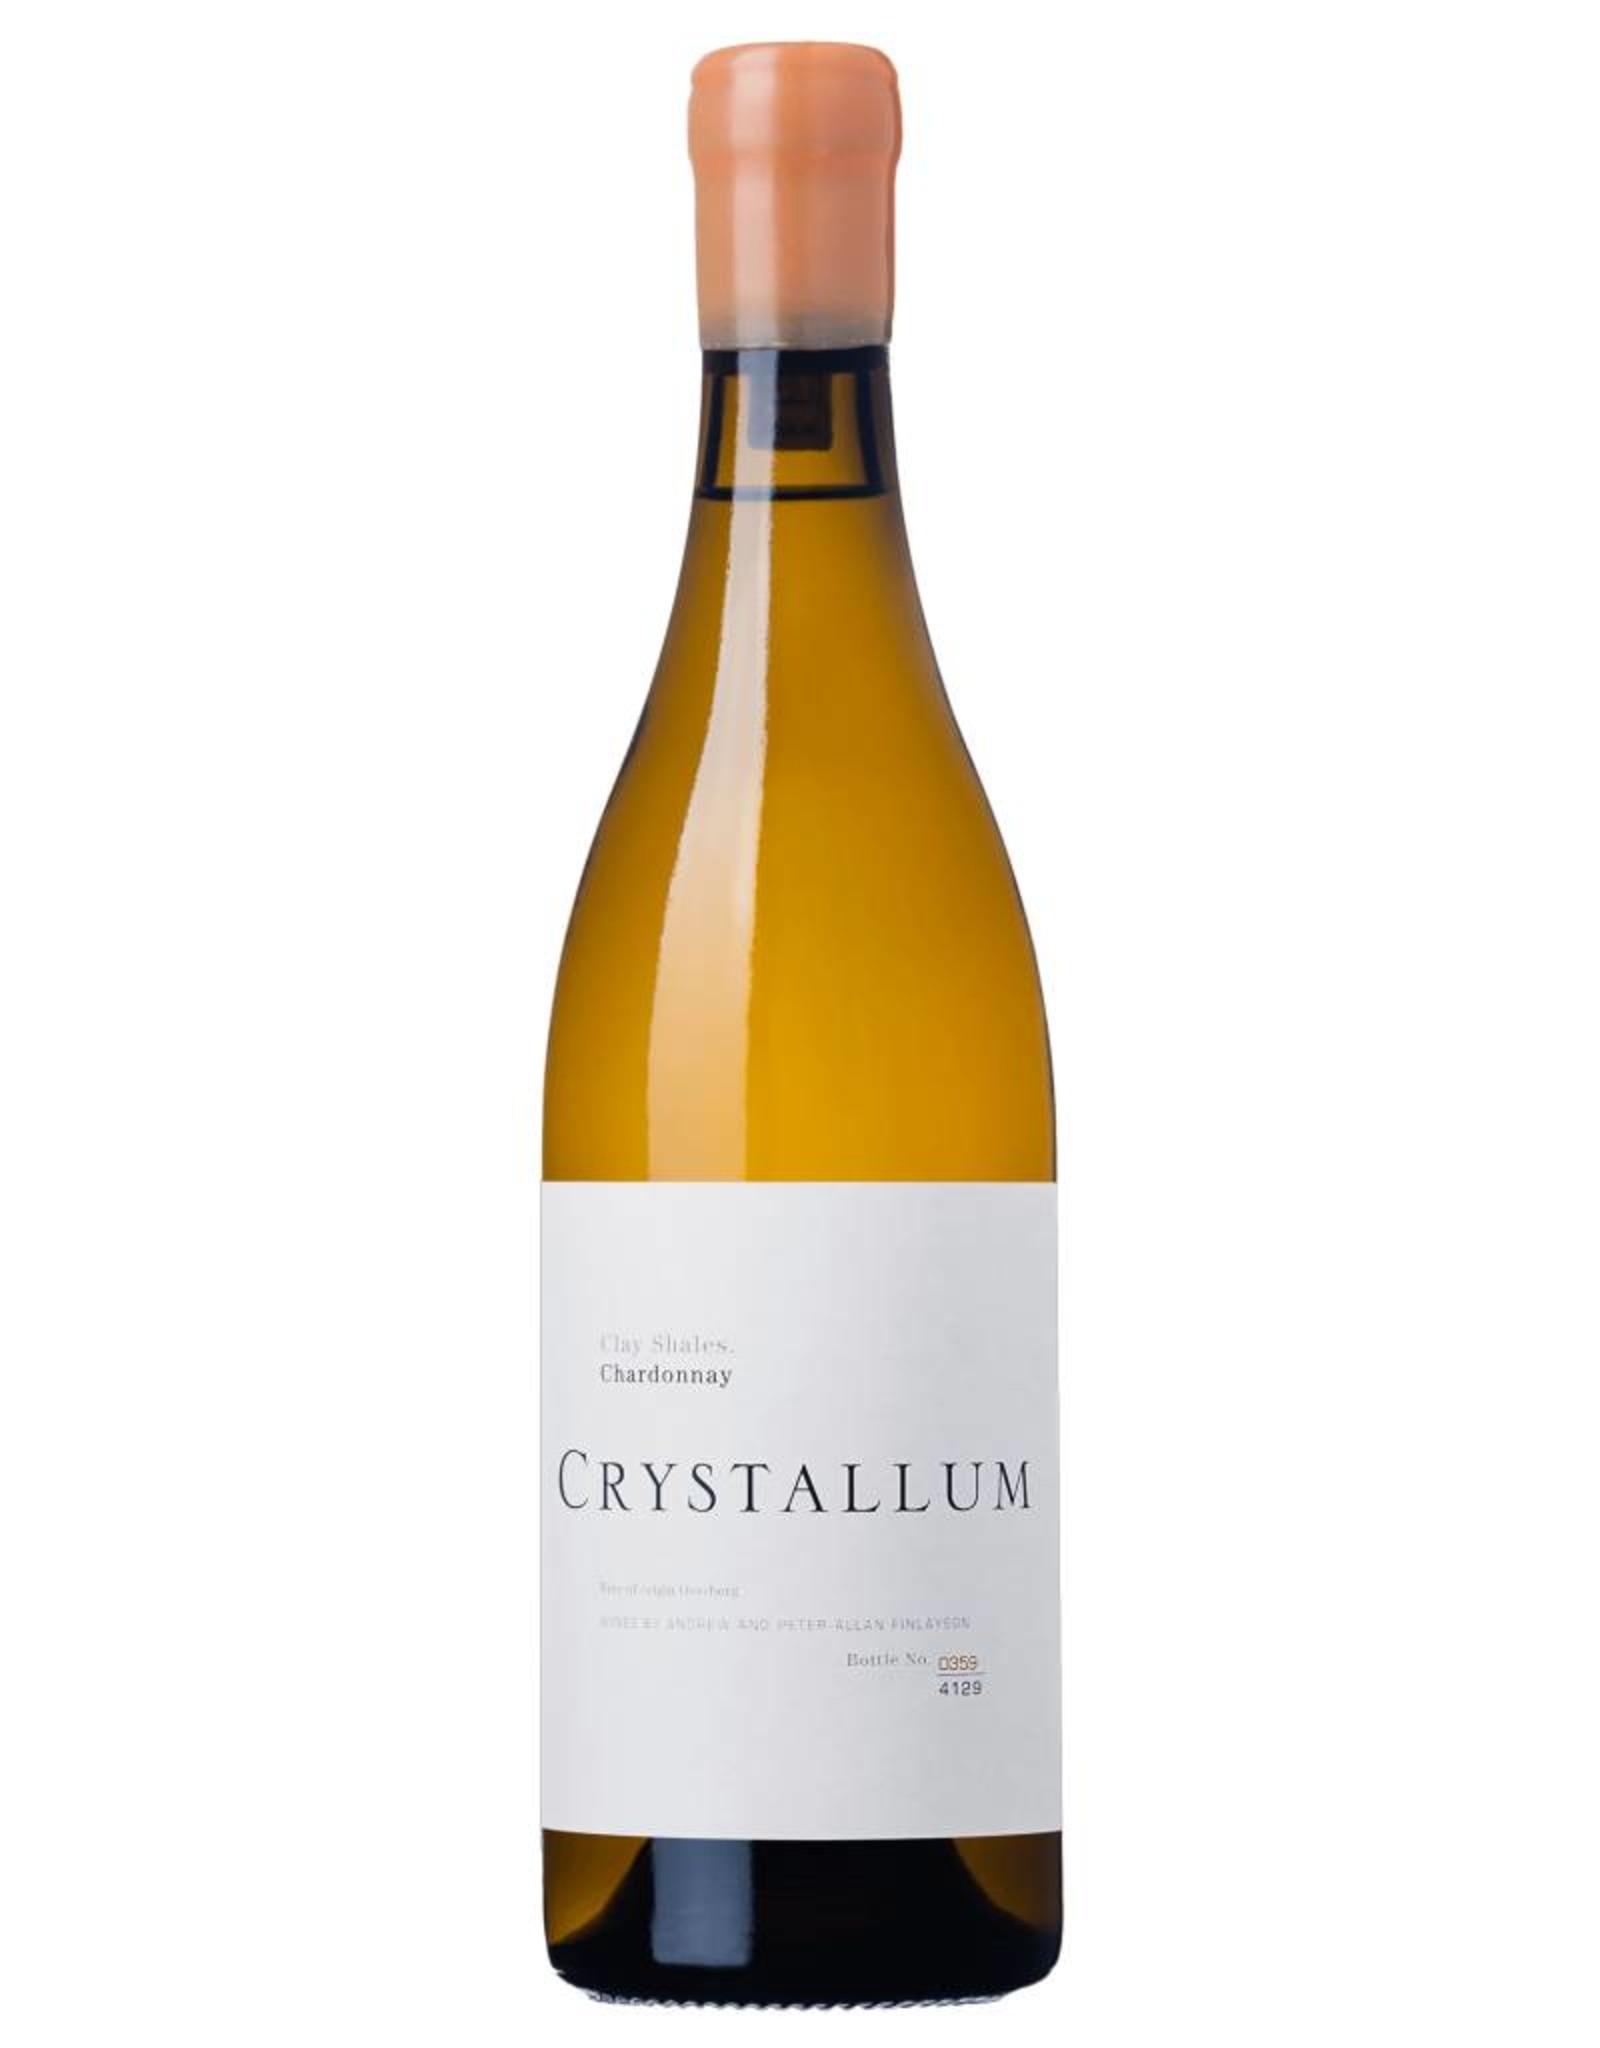 Proef Crystallum - Clay Shales Chardonnay 2019